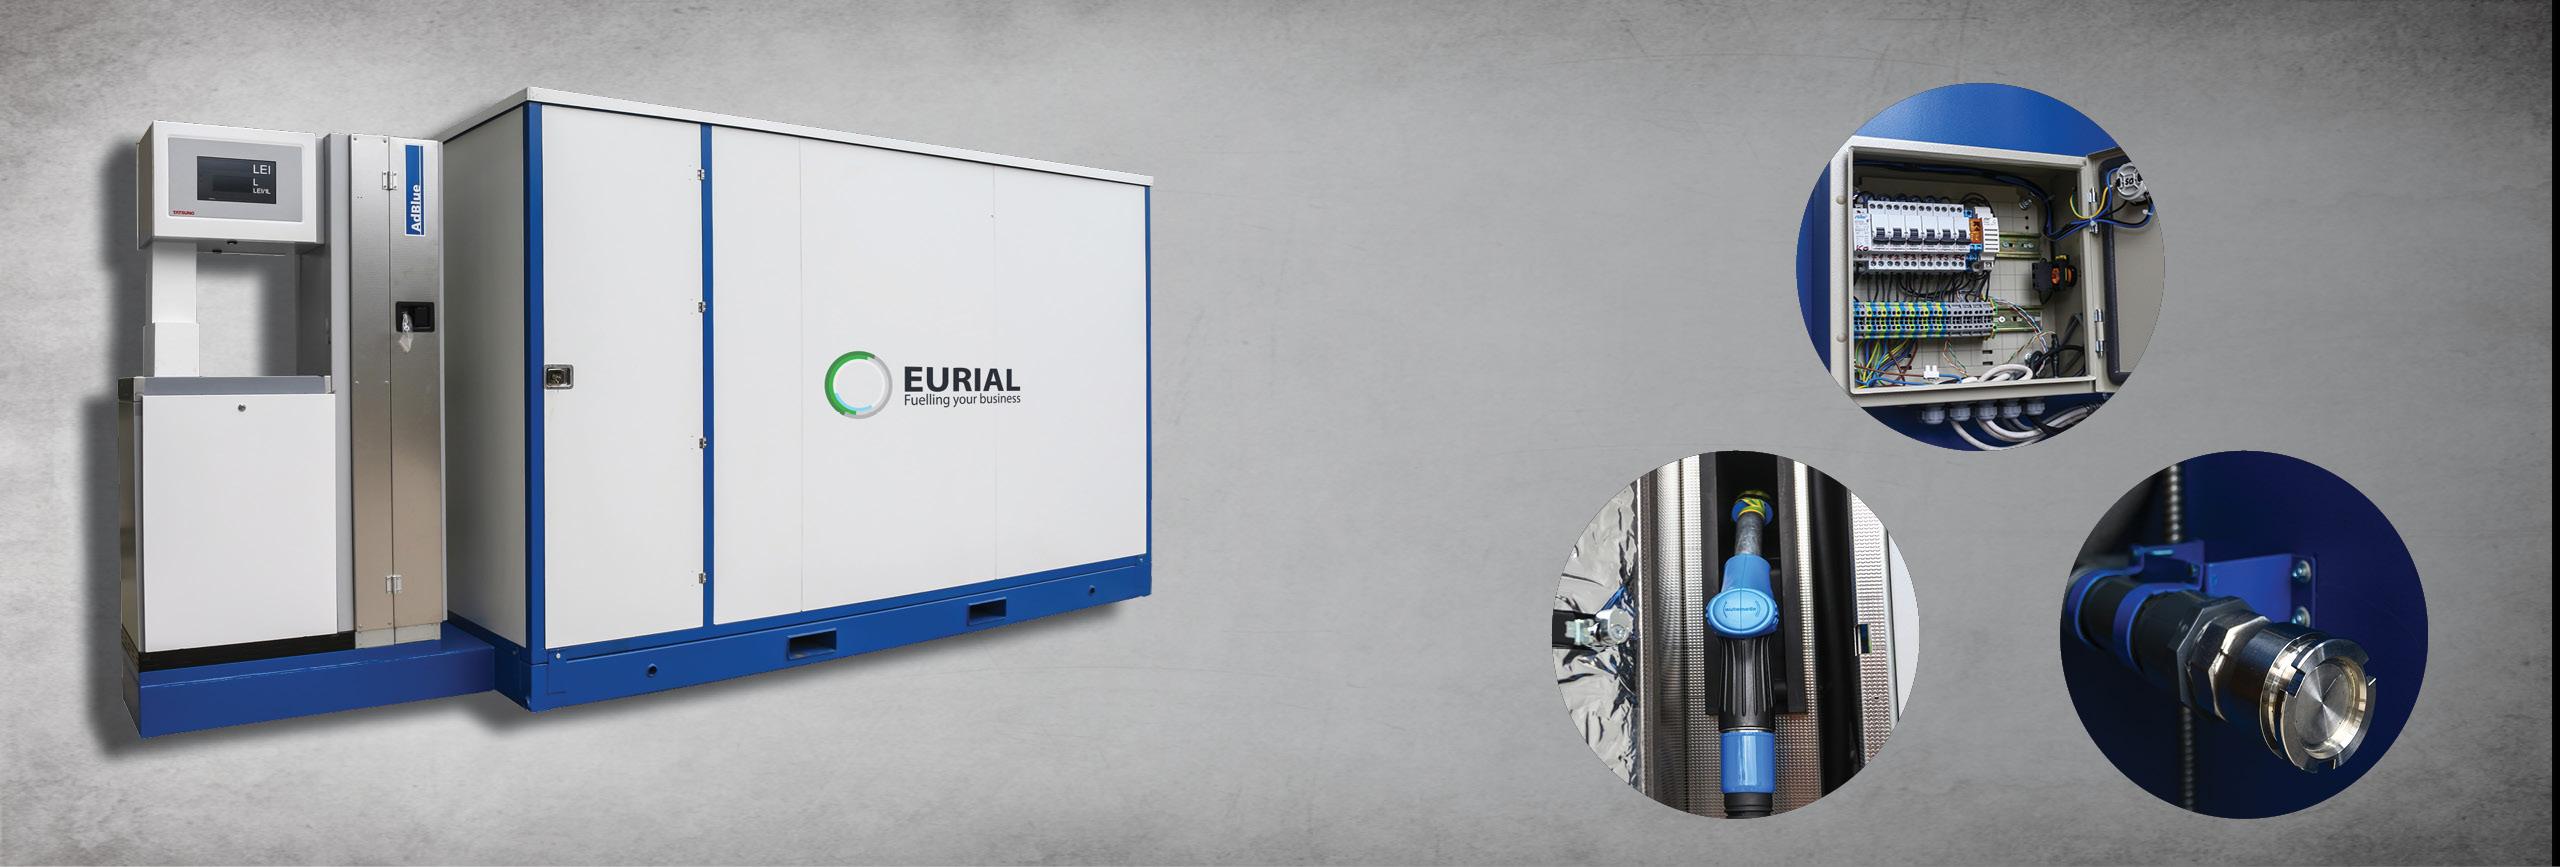 Container Suprateran pentru distribuire si stocare de Adblue